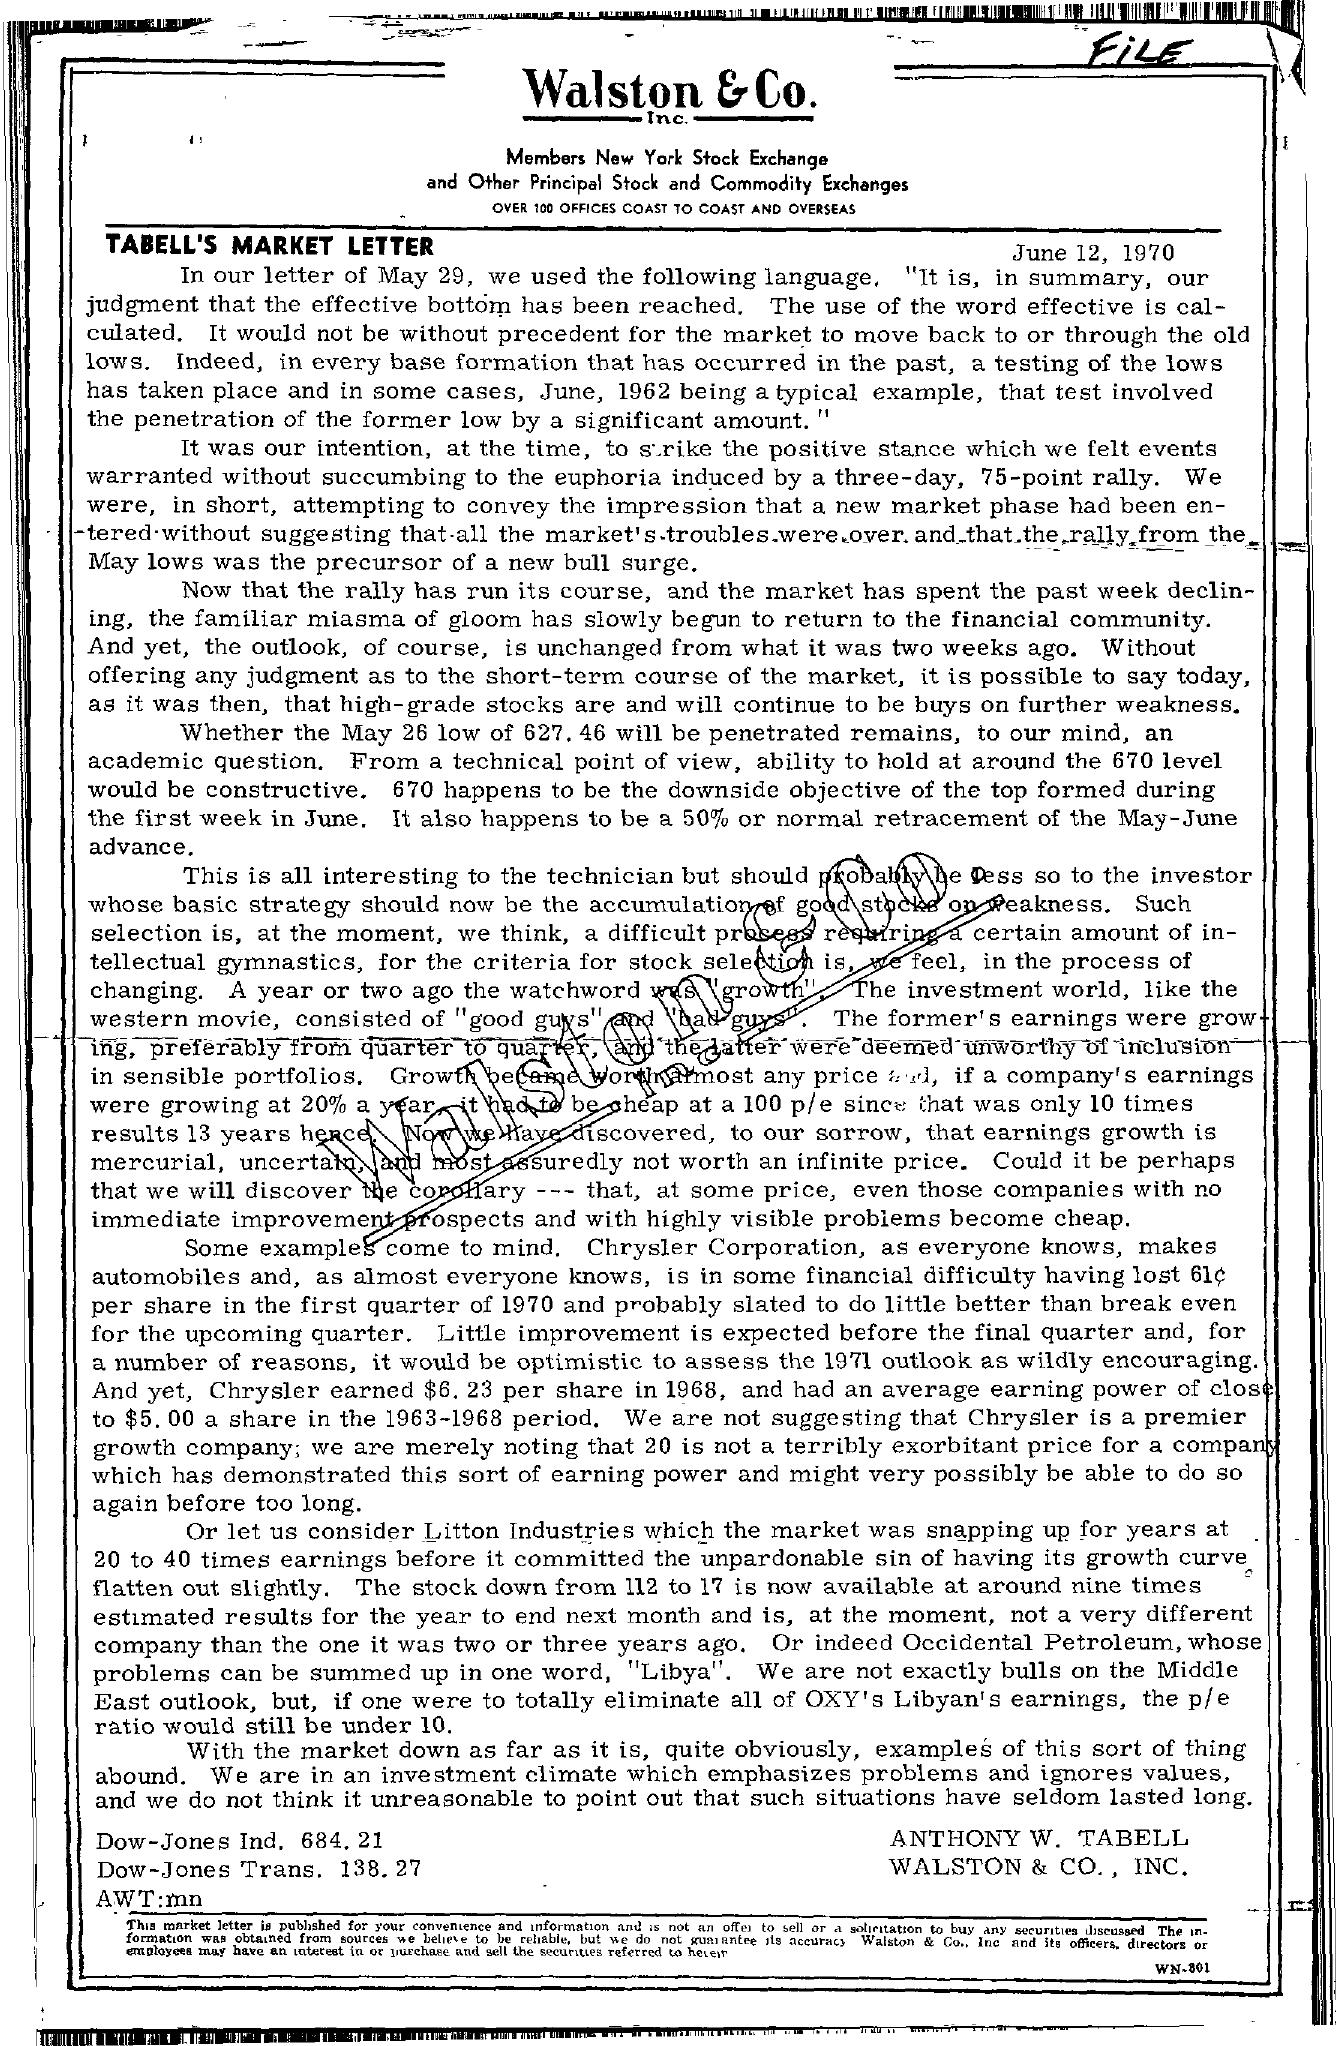 Tabell's Market Letter - June 12, 1970